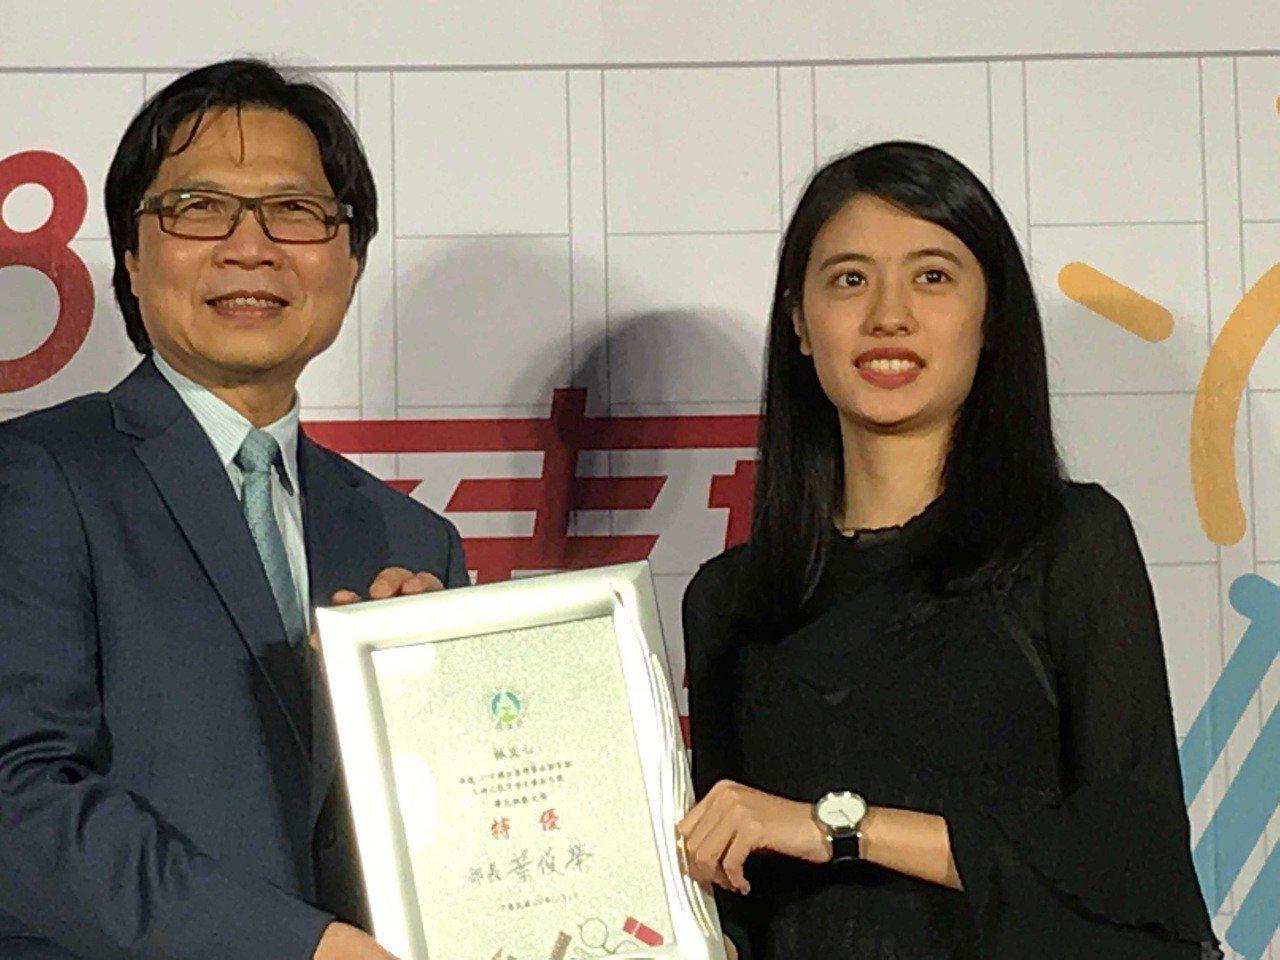 教育部長葉俊榮(左)頒獎給今年學生組雙料得主林文心(右)。圖/教育部提供